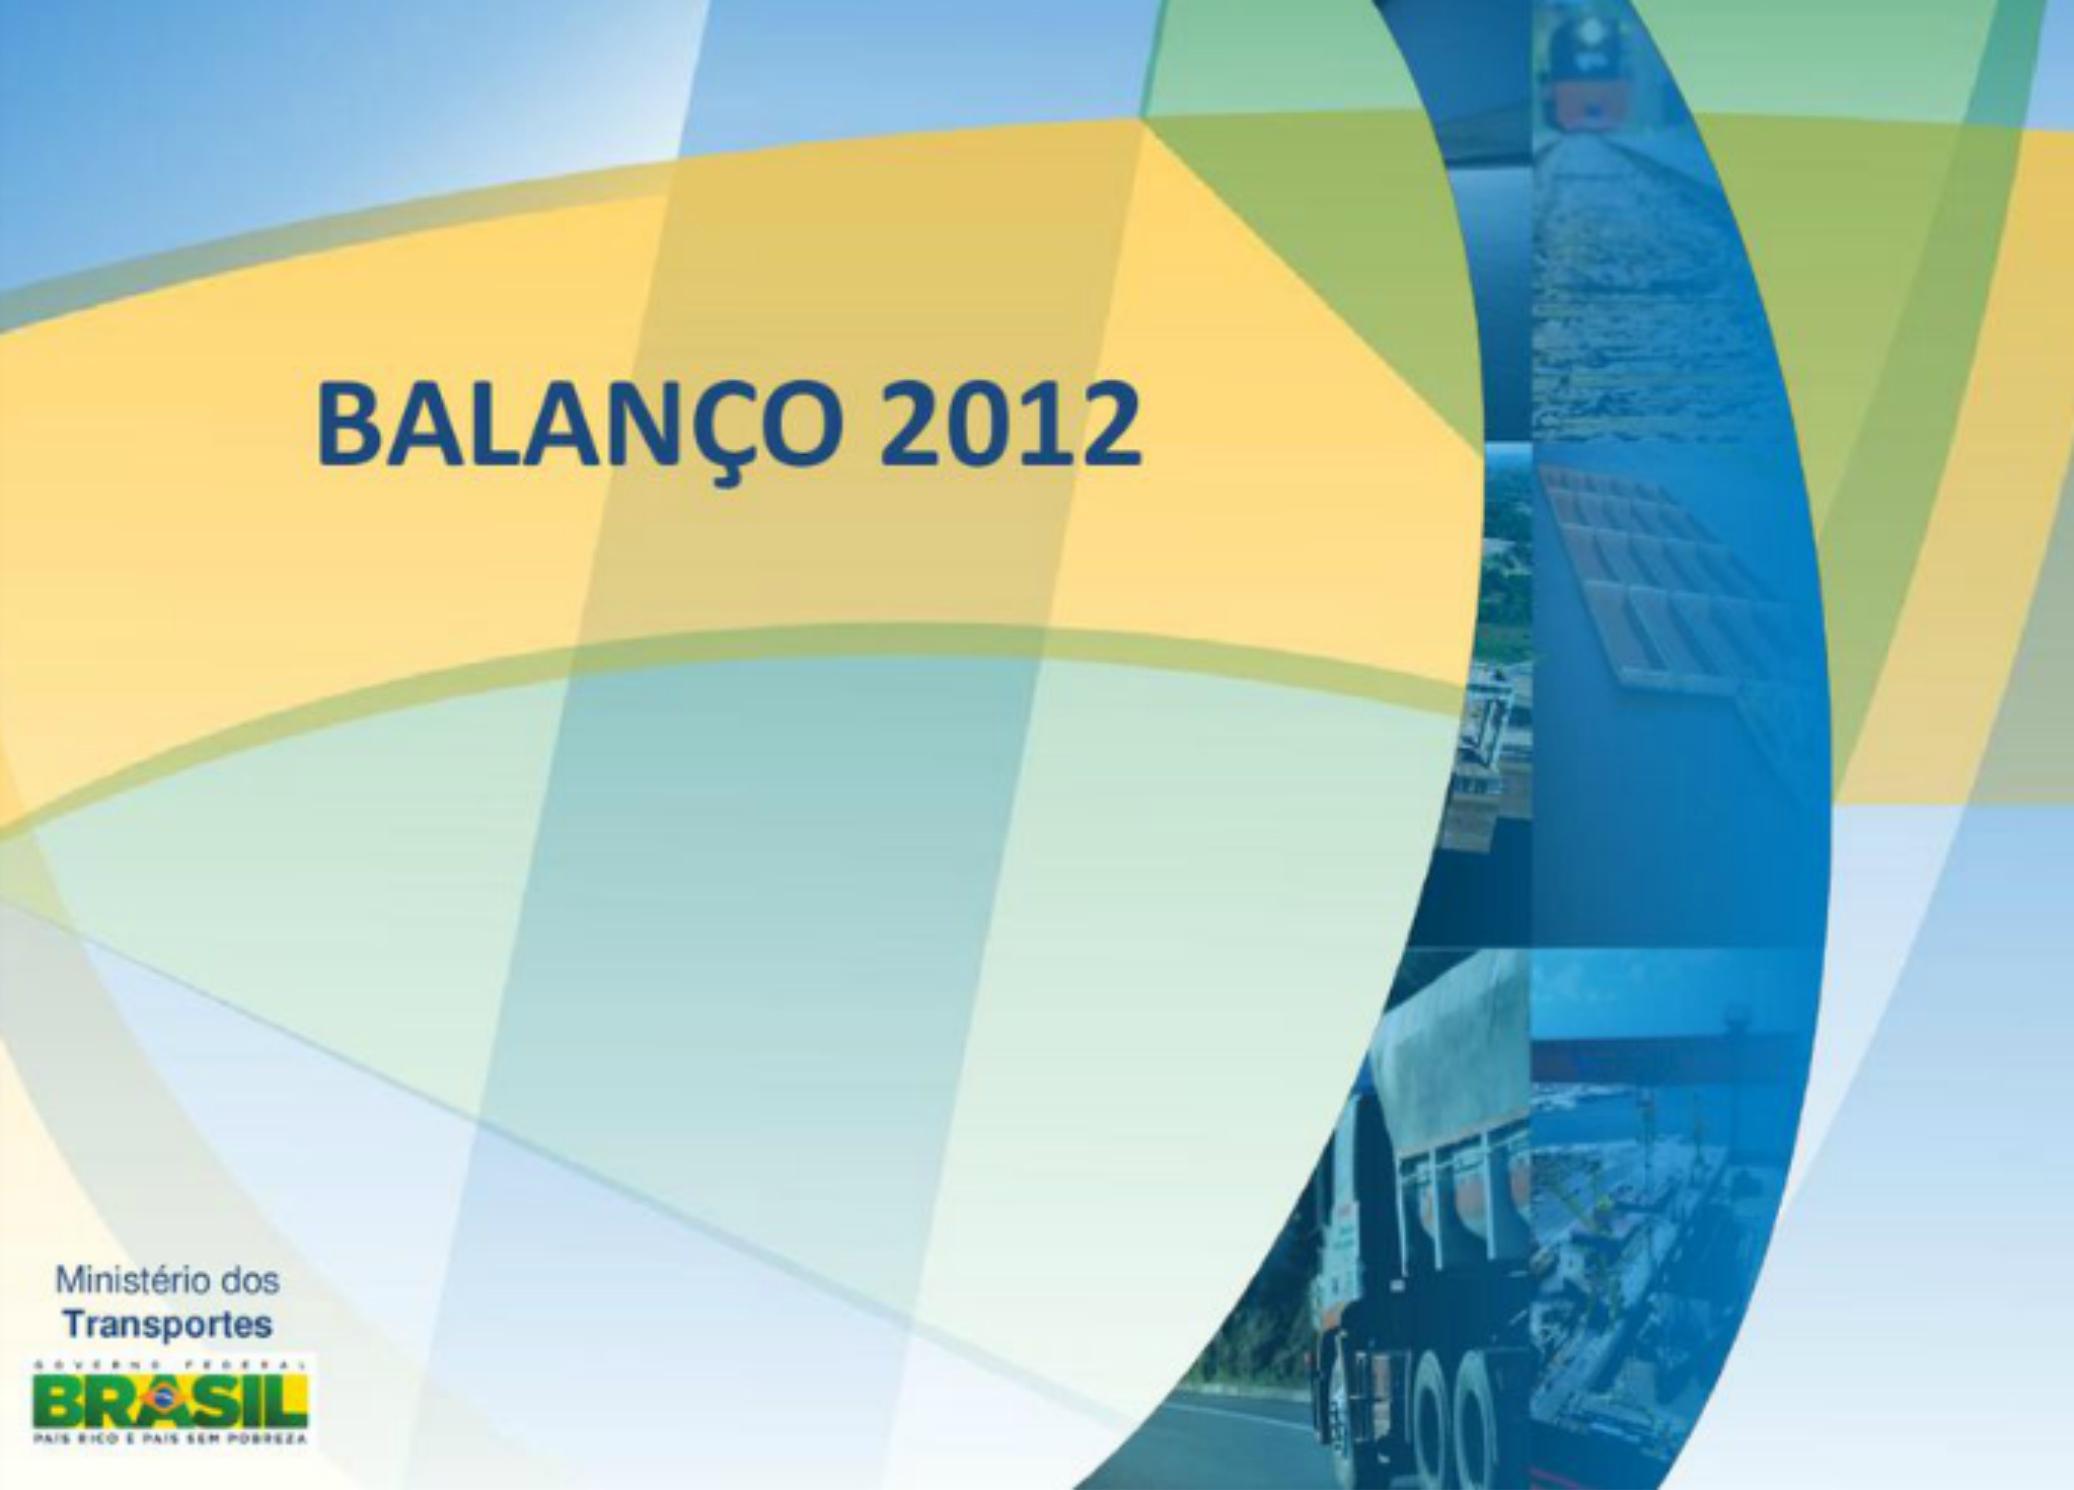 Balanço de 2012 apresentado pelo Ministério dos Transportes prevê aumento de melhorias em 2013